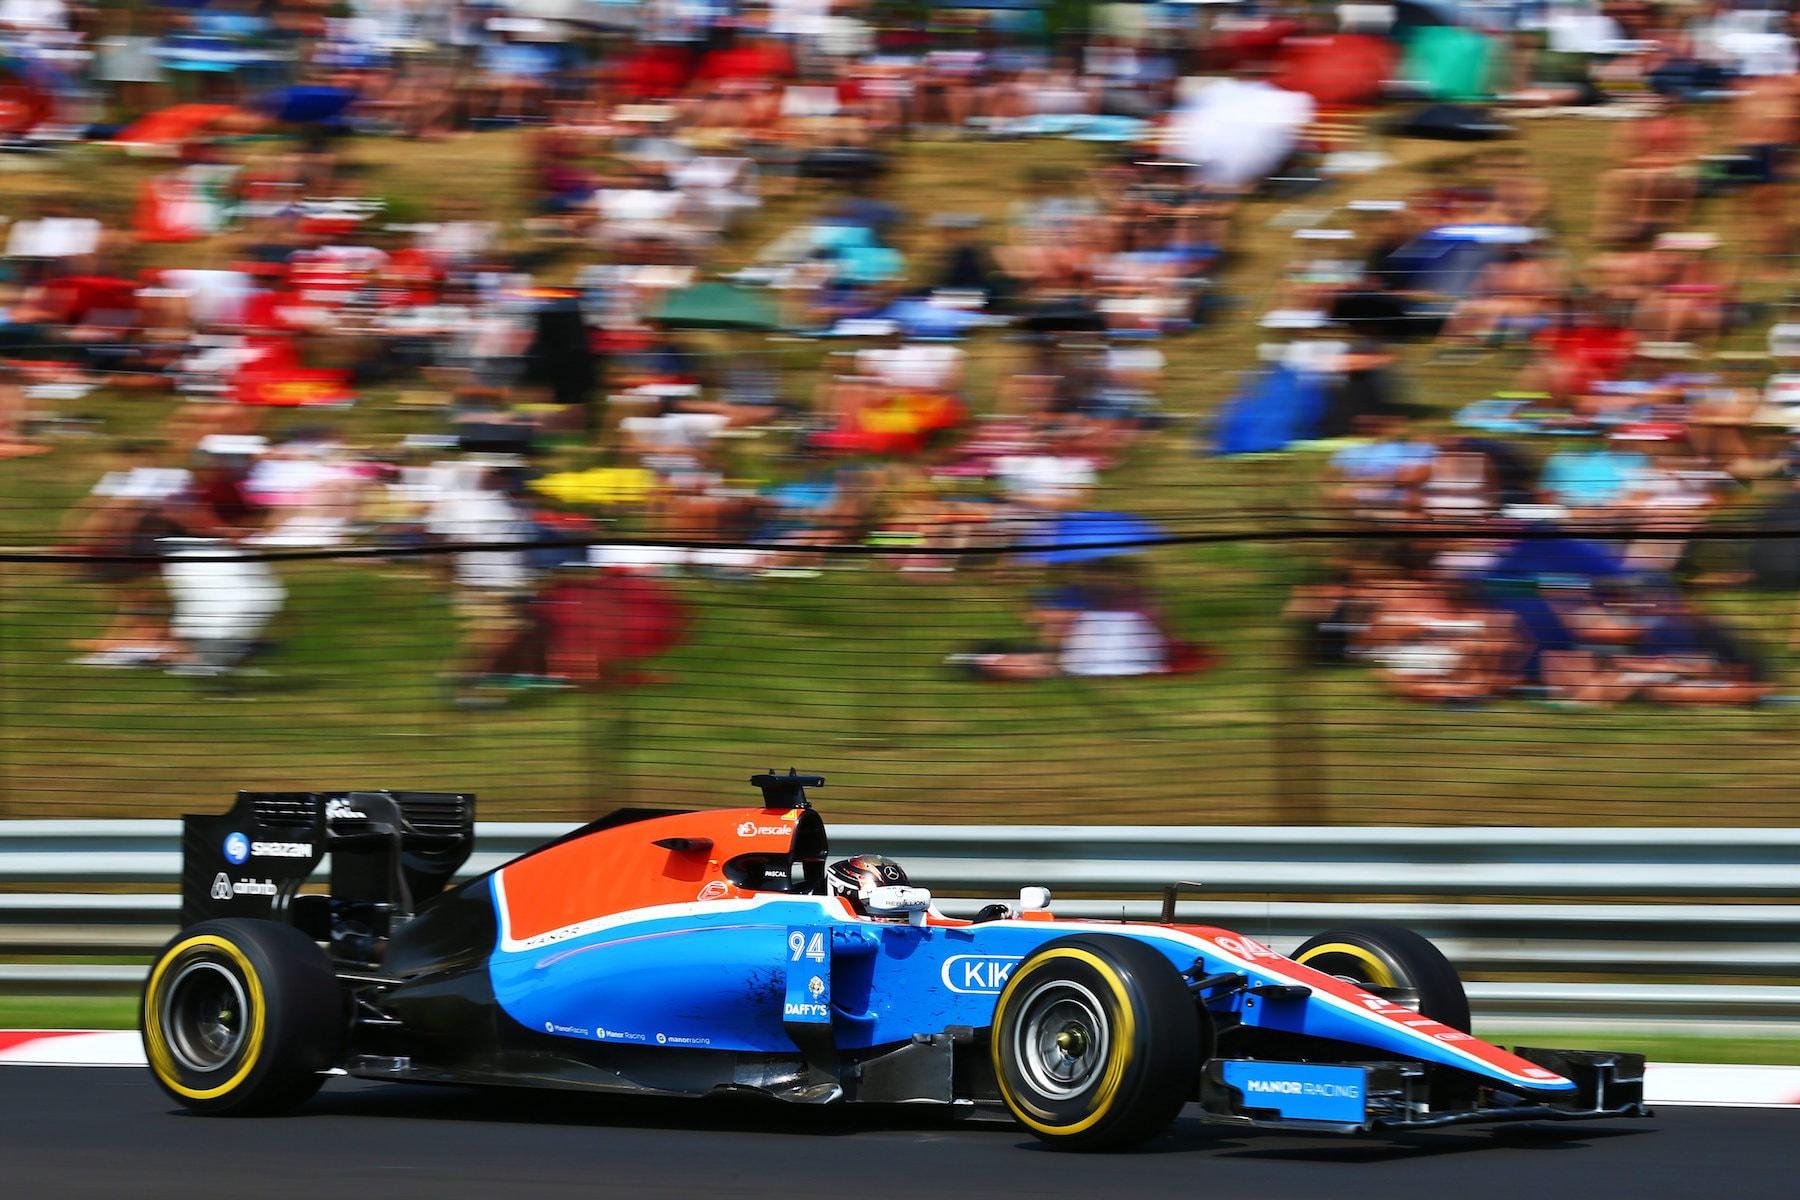 Salracing | Pascal Wehrlein | Manor Racing